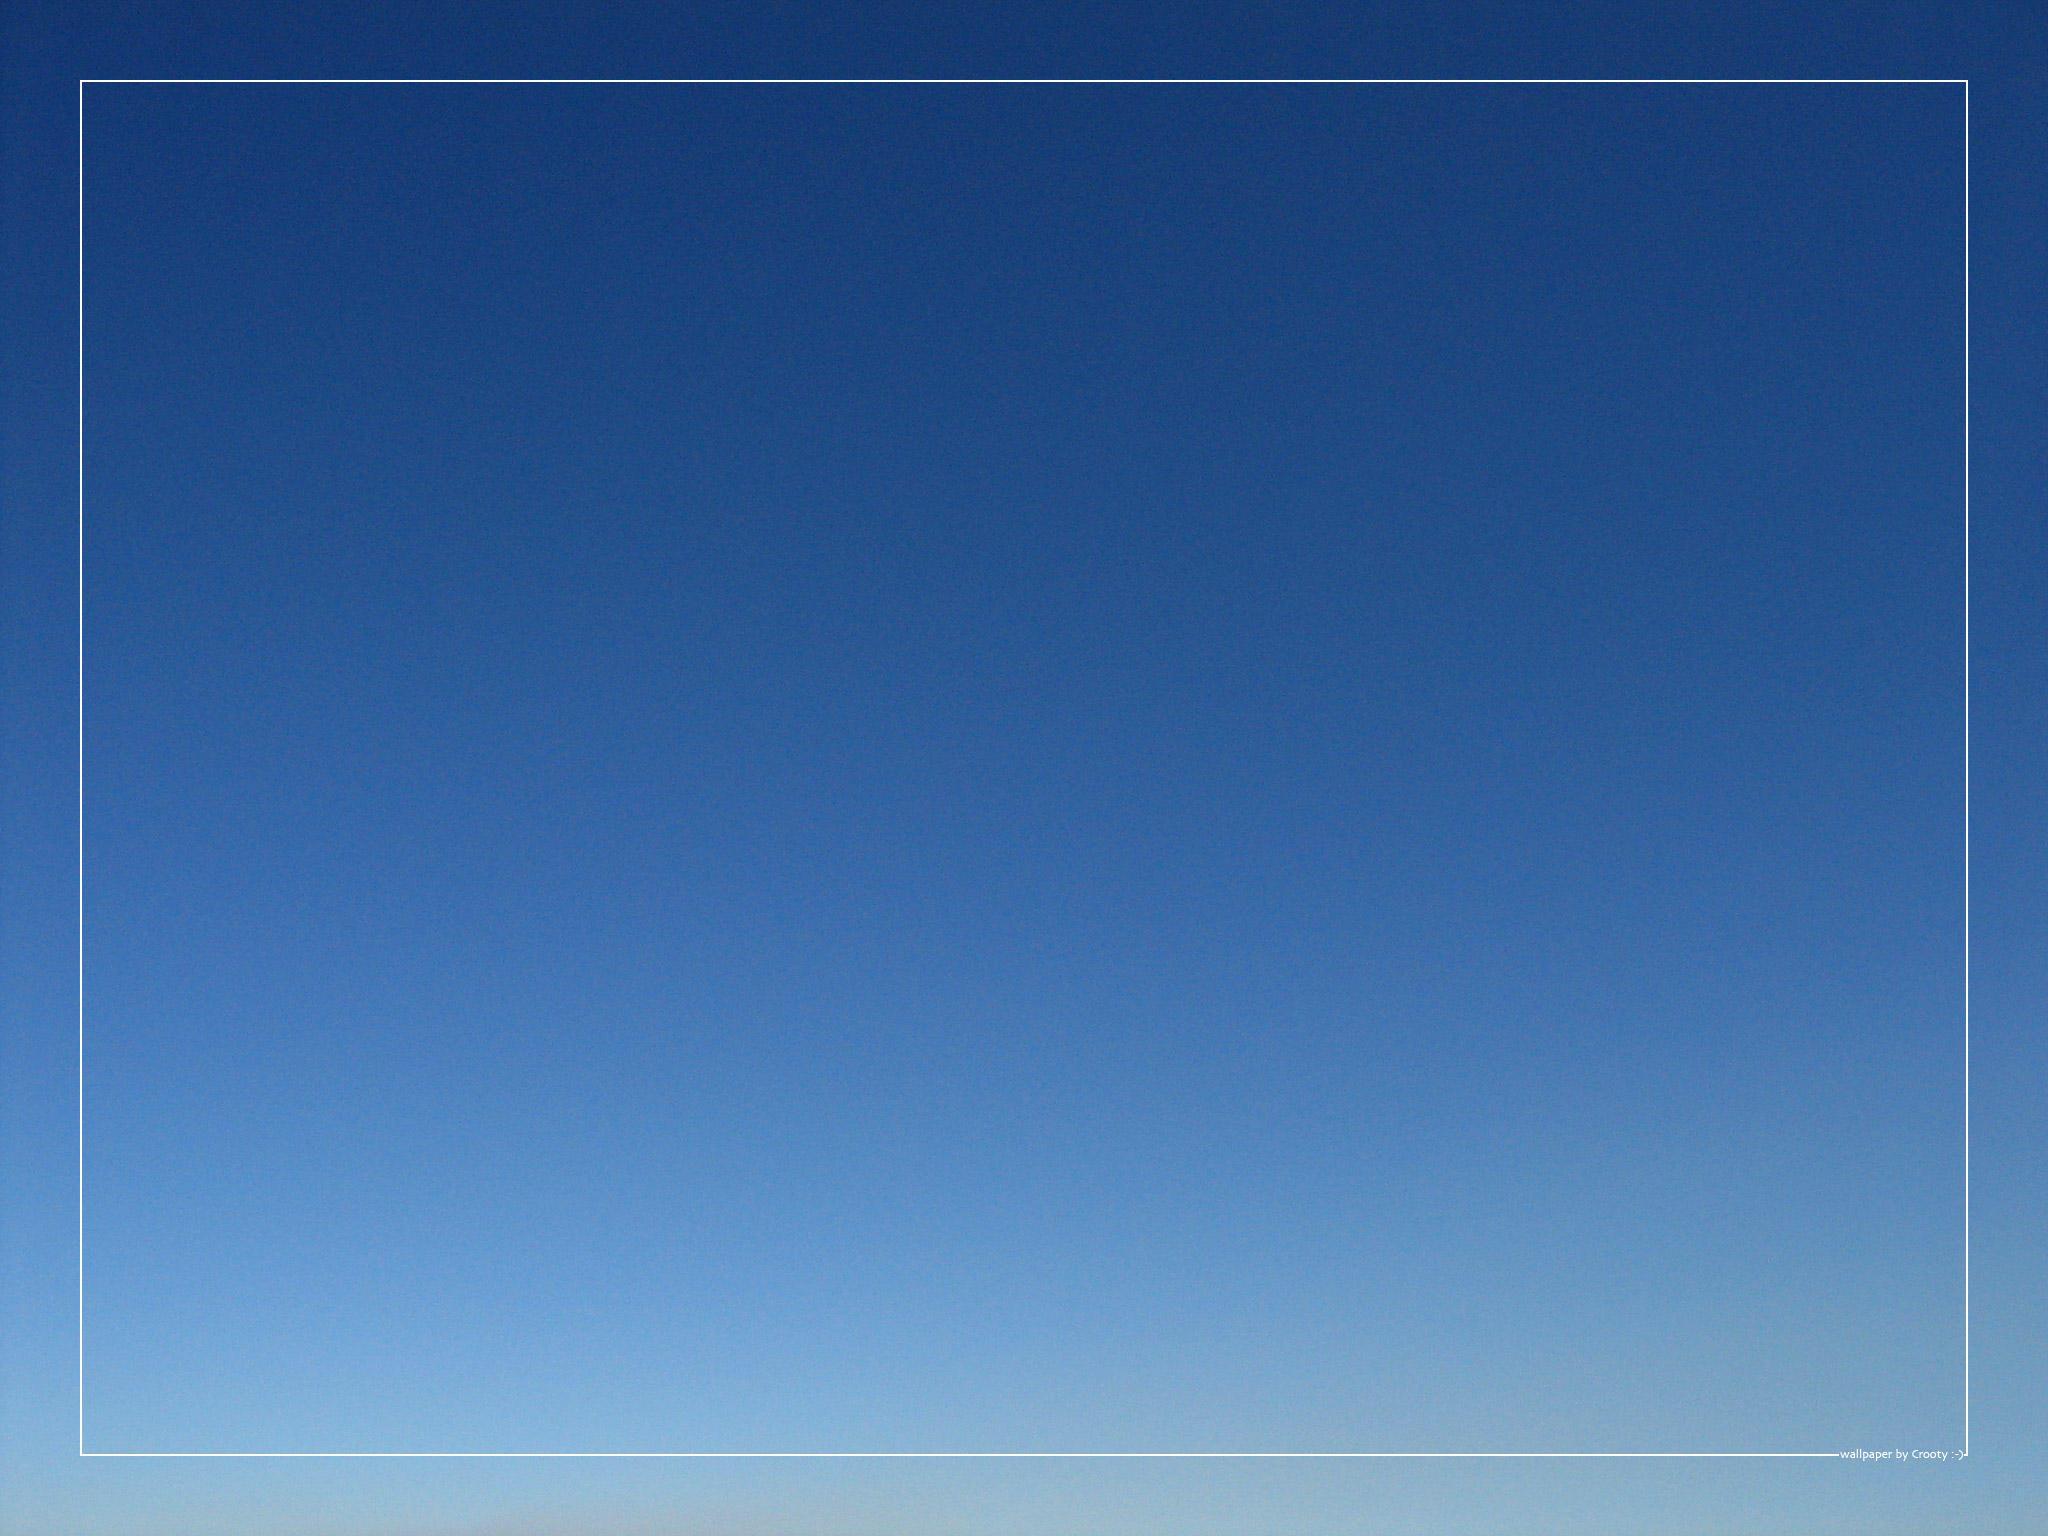 blue sky wallpaper by crooty on deviantart